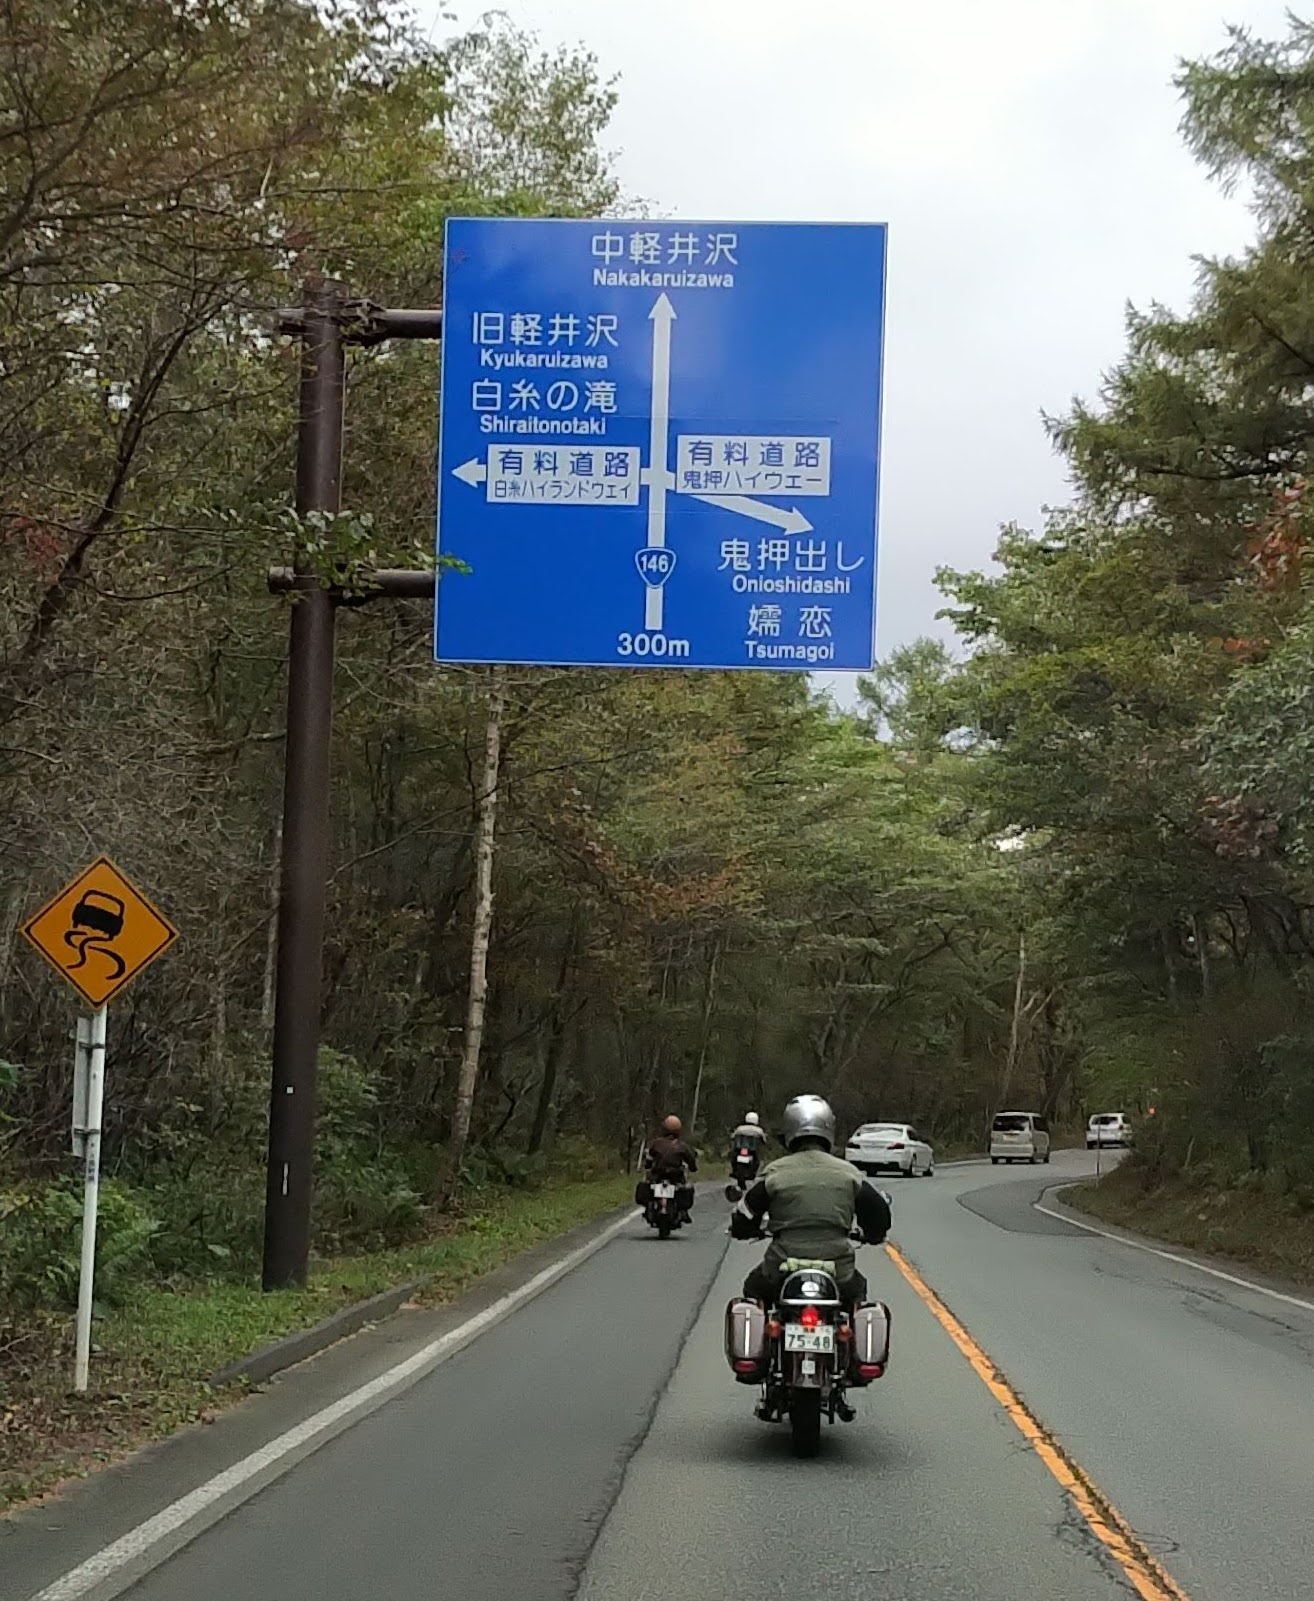 おぶそりつれづれ。オートバイまだ乗ってます?_f0200399_17262120.jpg